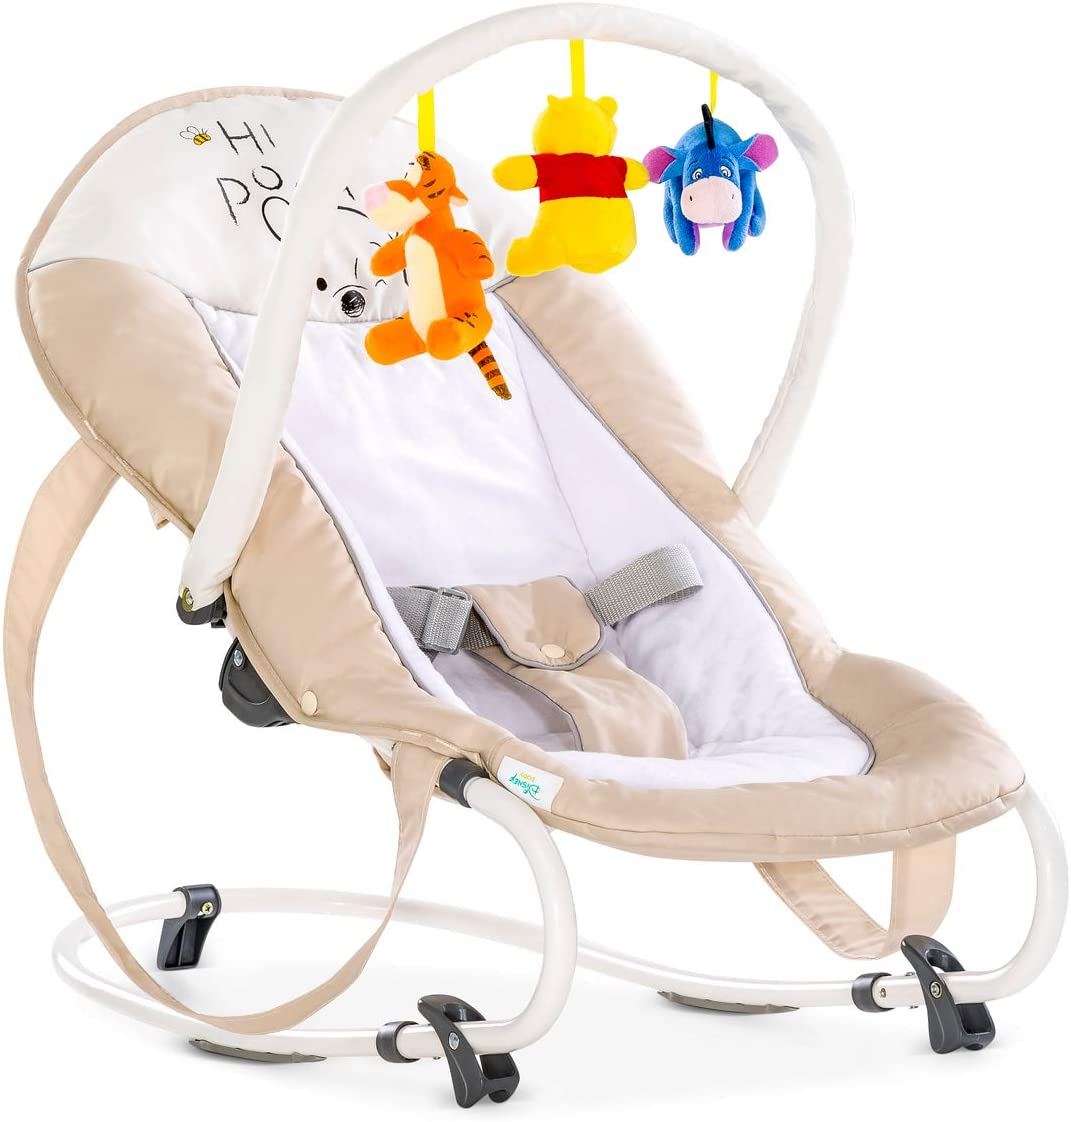 Hauck Bungee Deluxe hamacas bebes, mecedora con movimiento, respaldo ajustable, sistema de arnes, arco de juegos, de 0 meses hasta 9 kg, antivuelco, portátil - Pooh beige